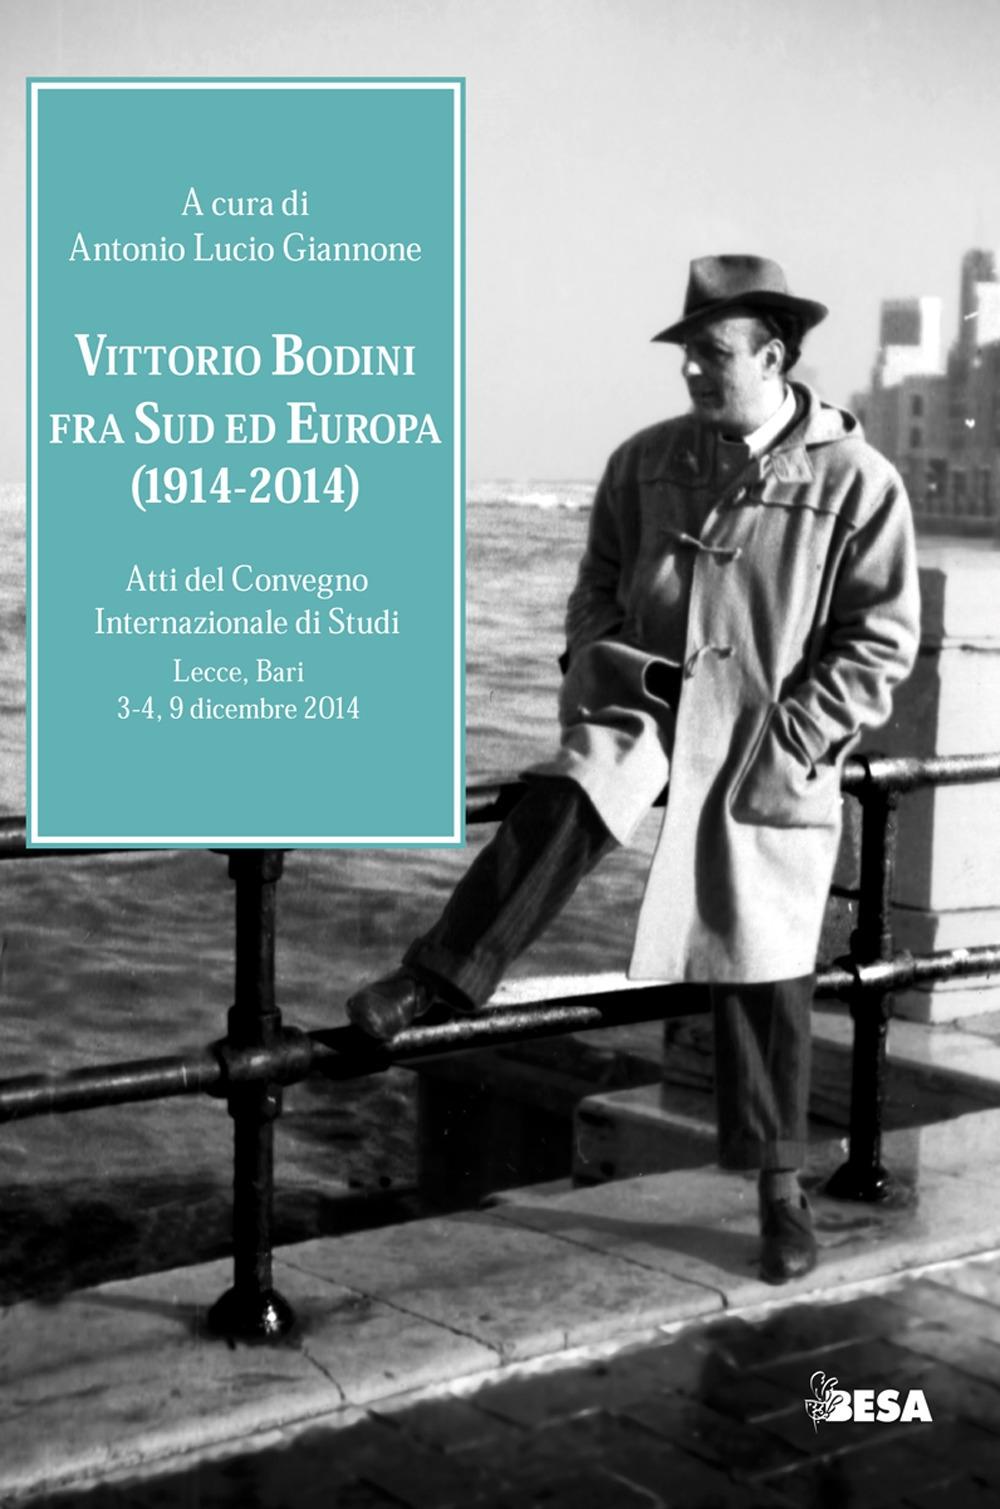 Vittorio Bodini fra Sud ed Europa. (1914-2014). Atti del Convegno internazionale di studi (Lecce, Bari, 3-4, 9 dicembre 2014)